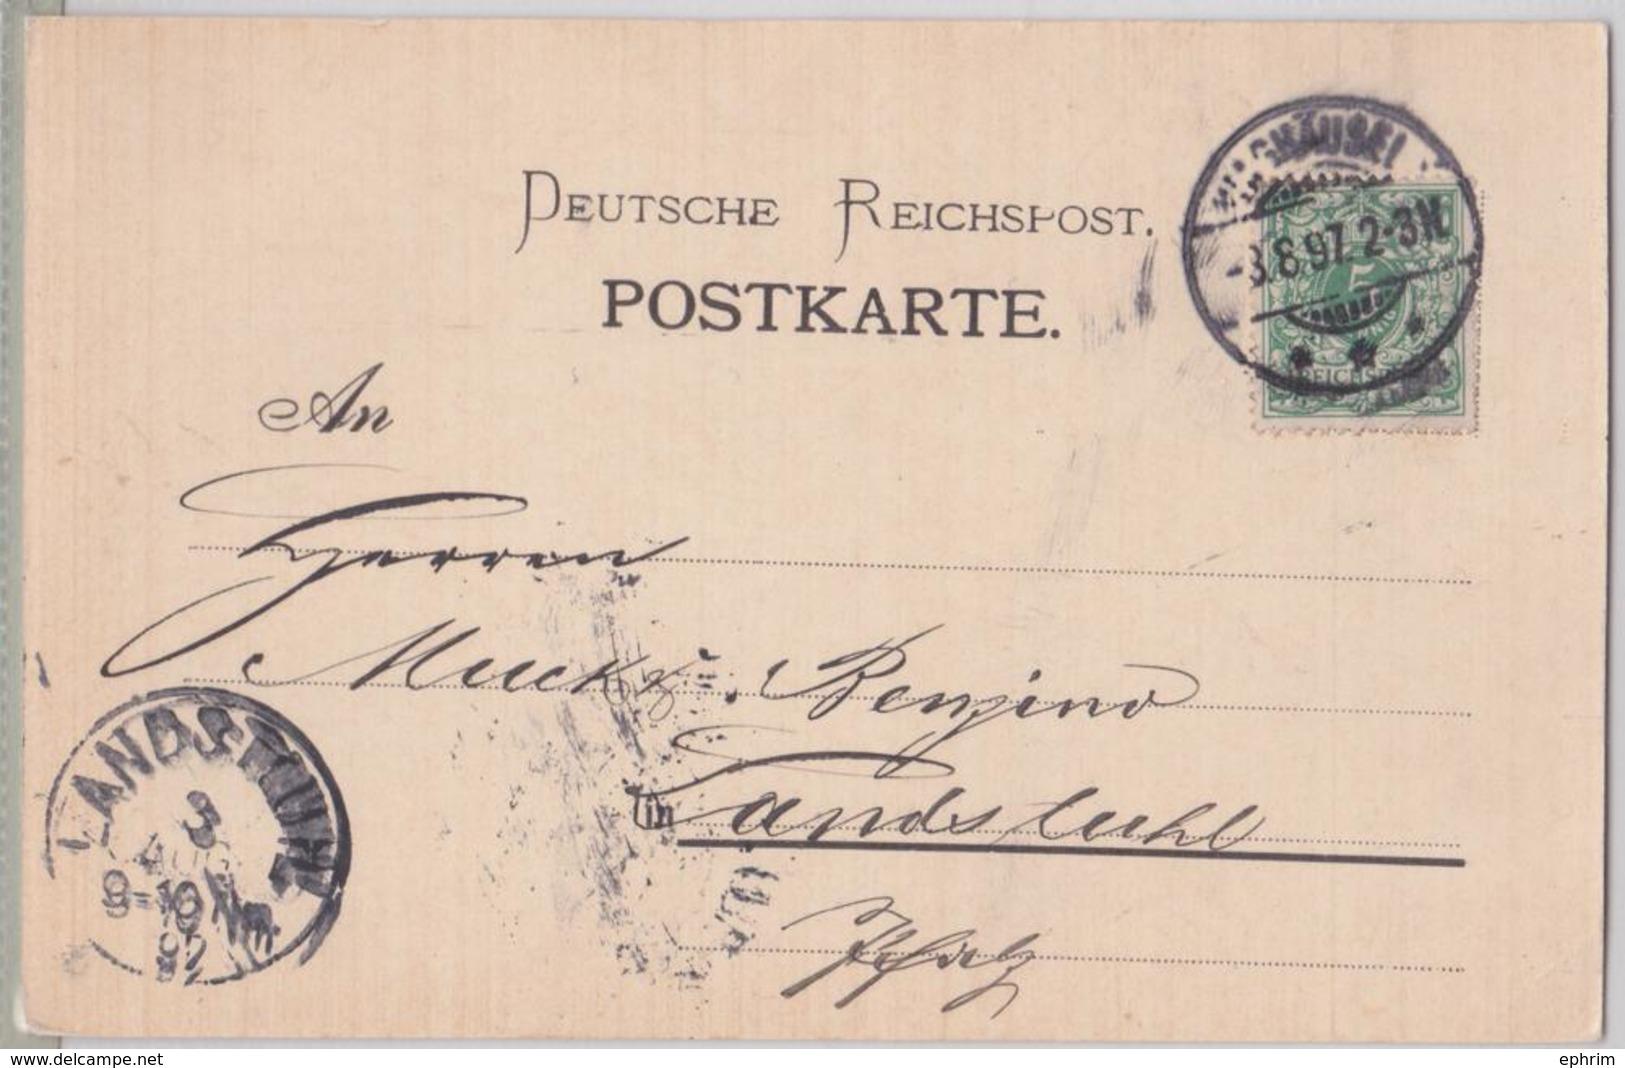 WAGHAÜSEL POSTKARTE NACH LANDSTUHL 1897 - BADISCHE GESELLSCHAFT FÜR ZUCKERFABRIKATION ZUCKER FABRIK SUCRE SUCRERIE - Germany